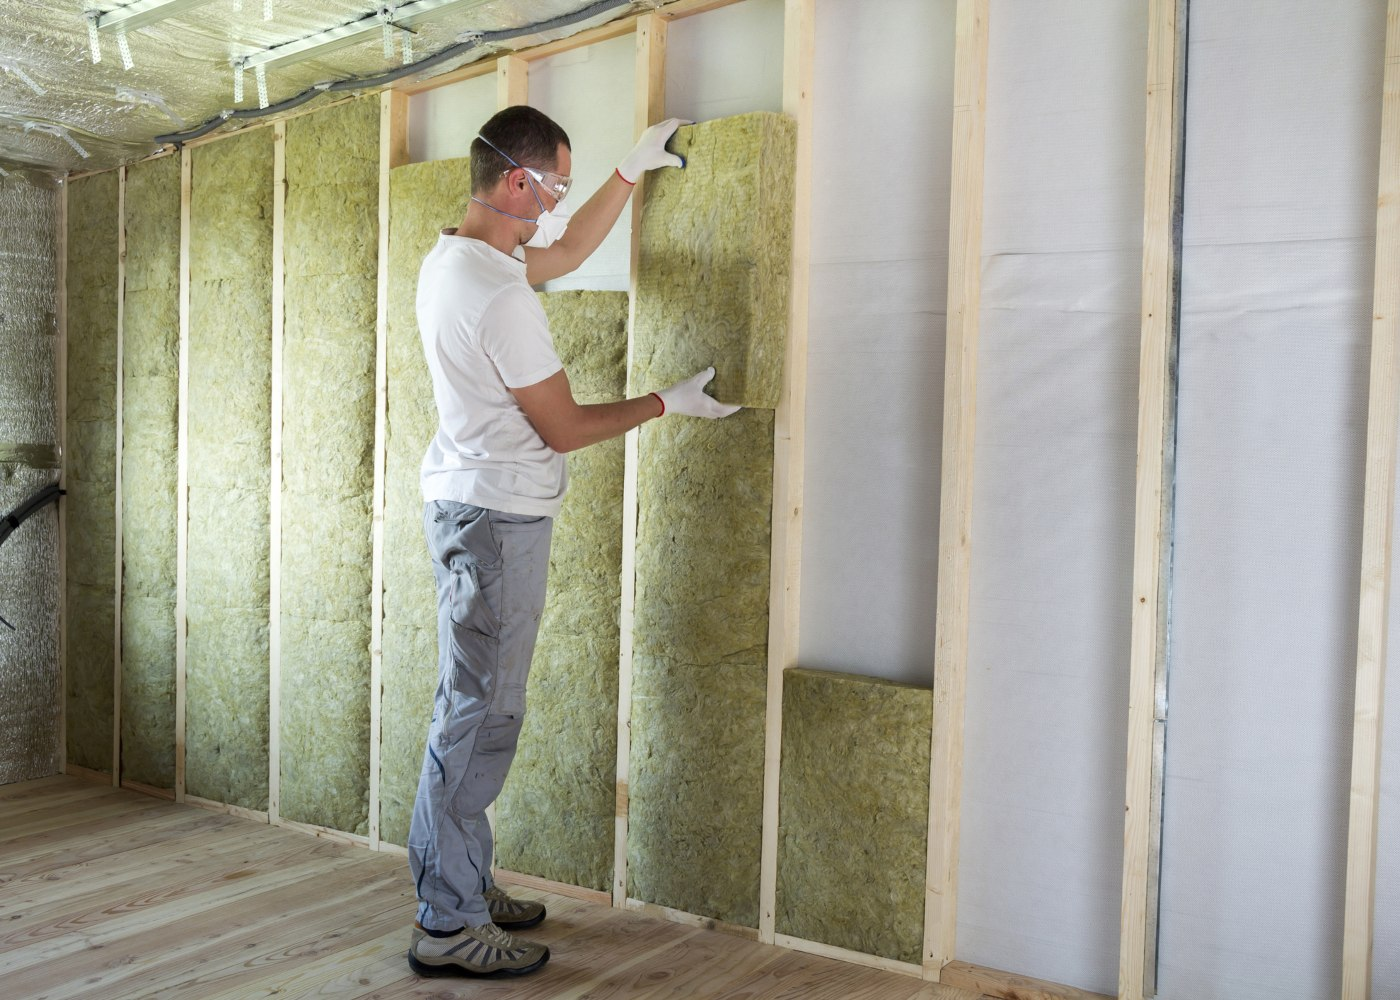 isolamento térmico para paredes